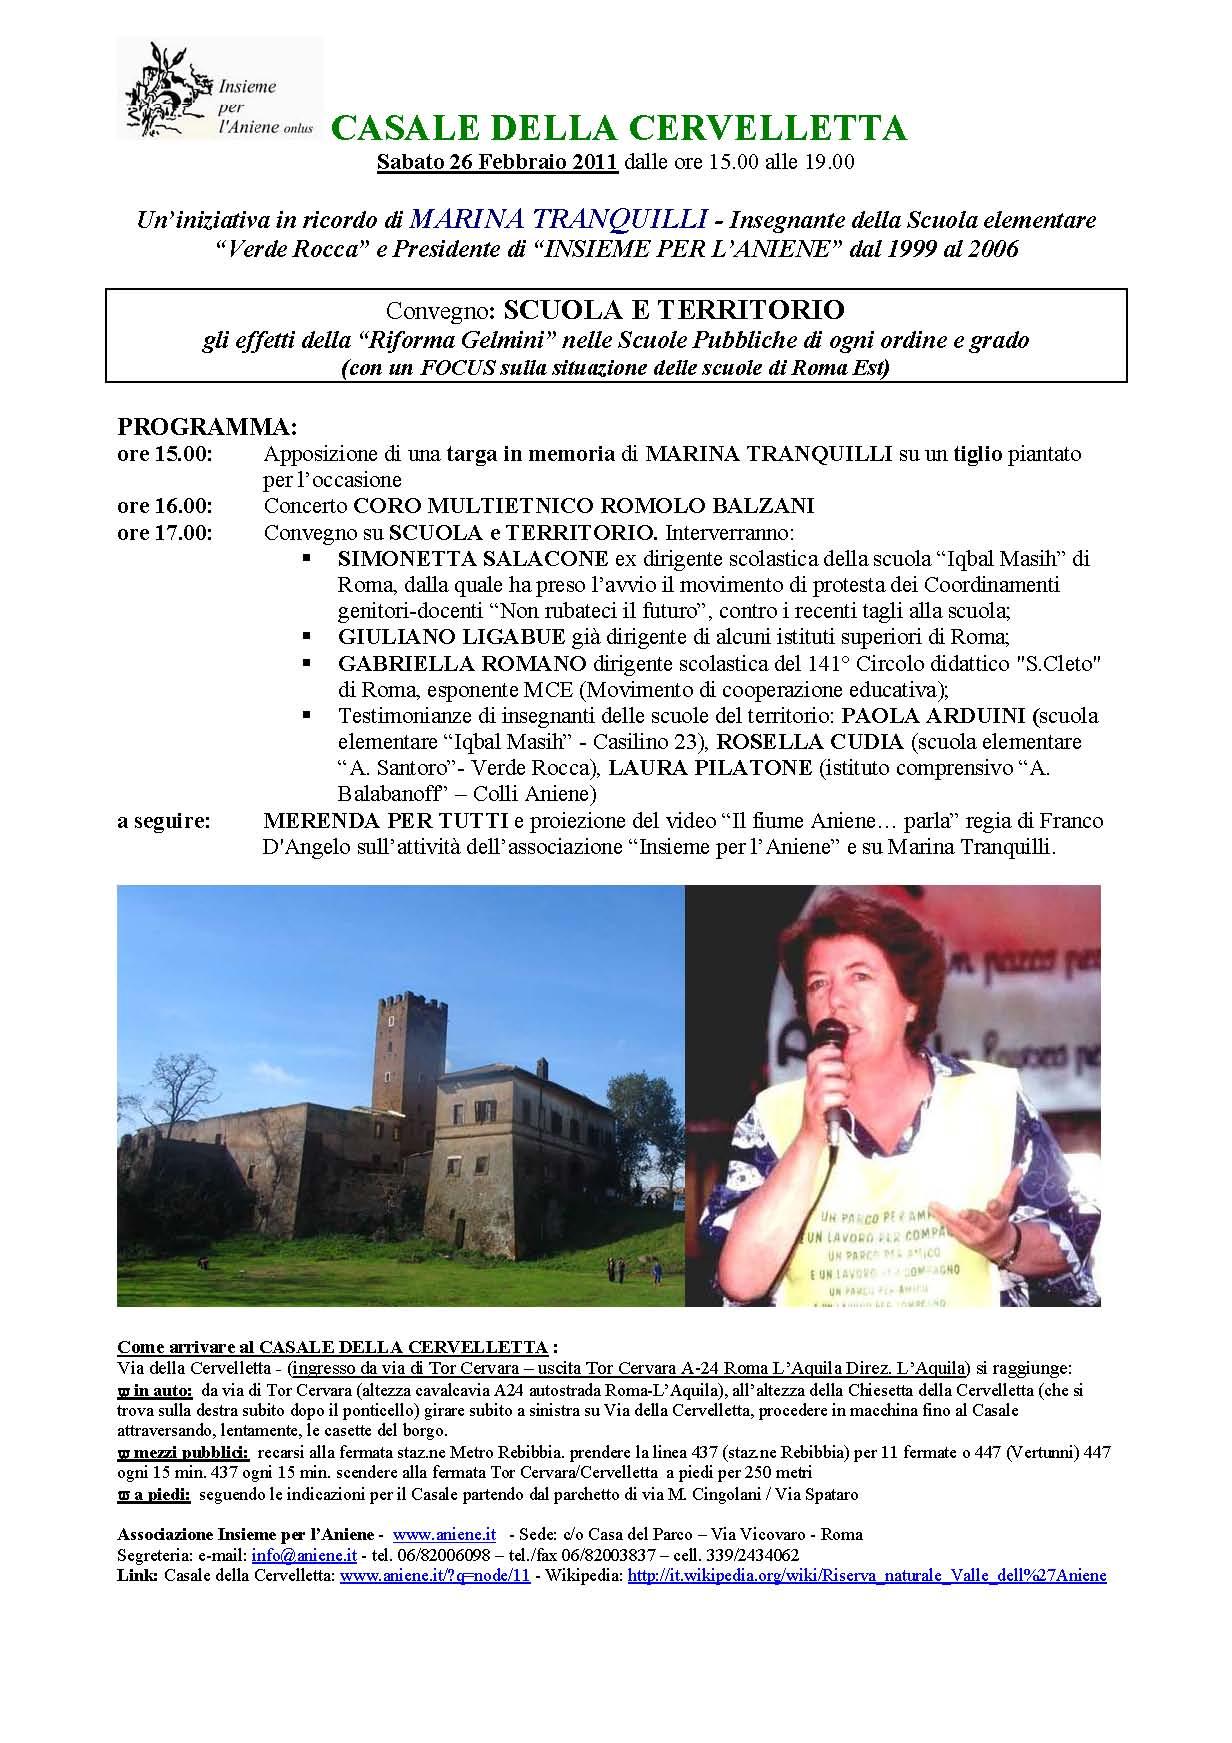 26 Febbraio 2011 Casale della Cervelletta Convegno SCUOLA E TERRITORIO